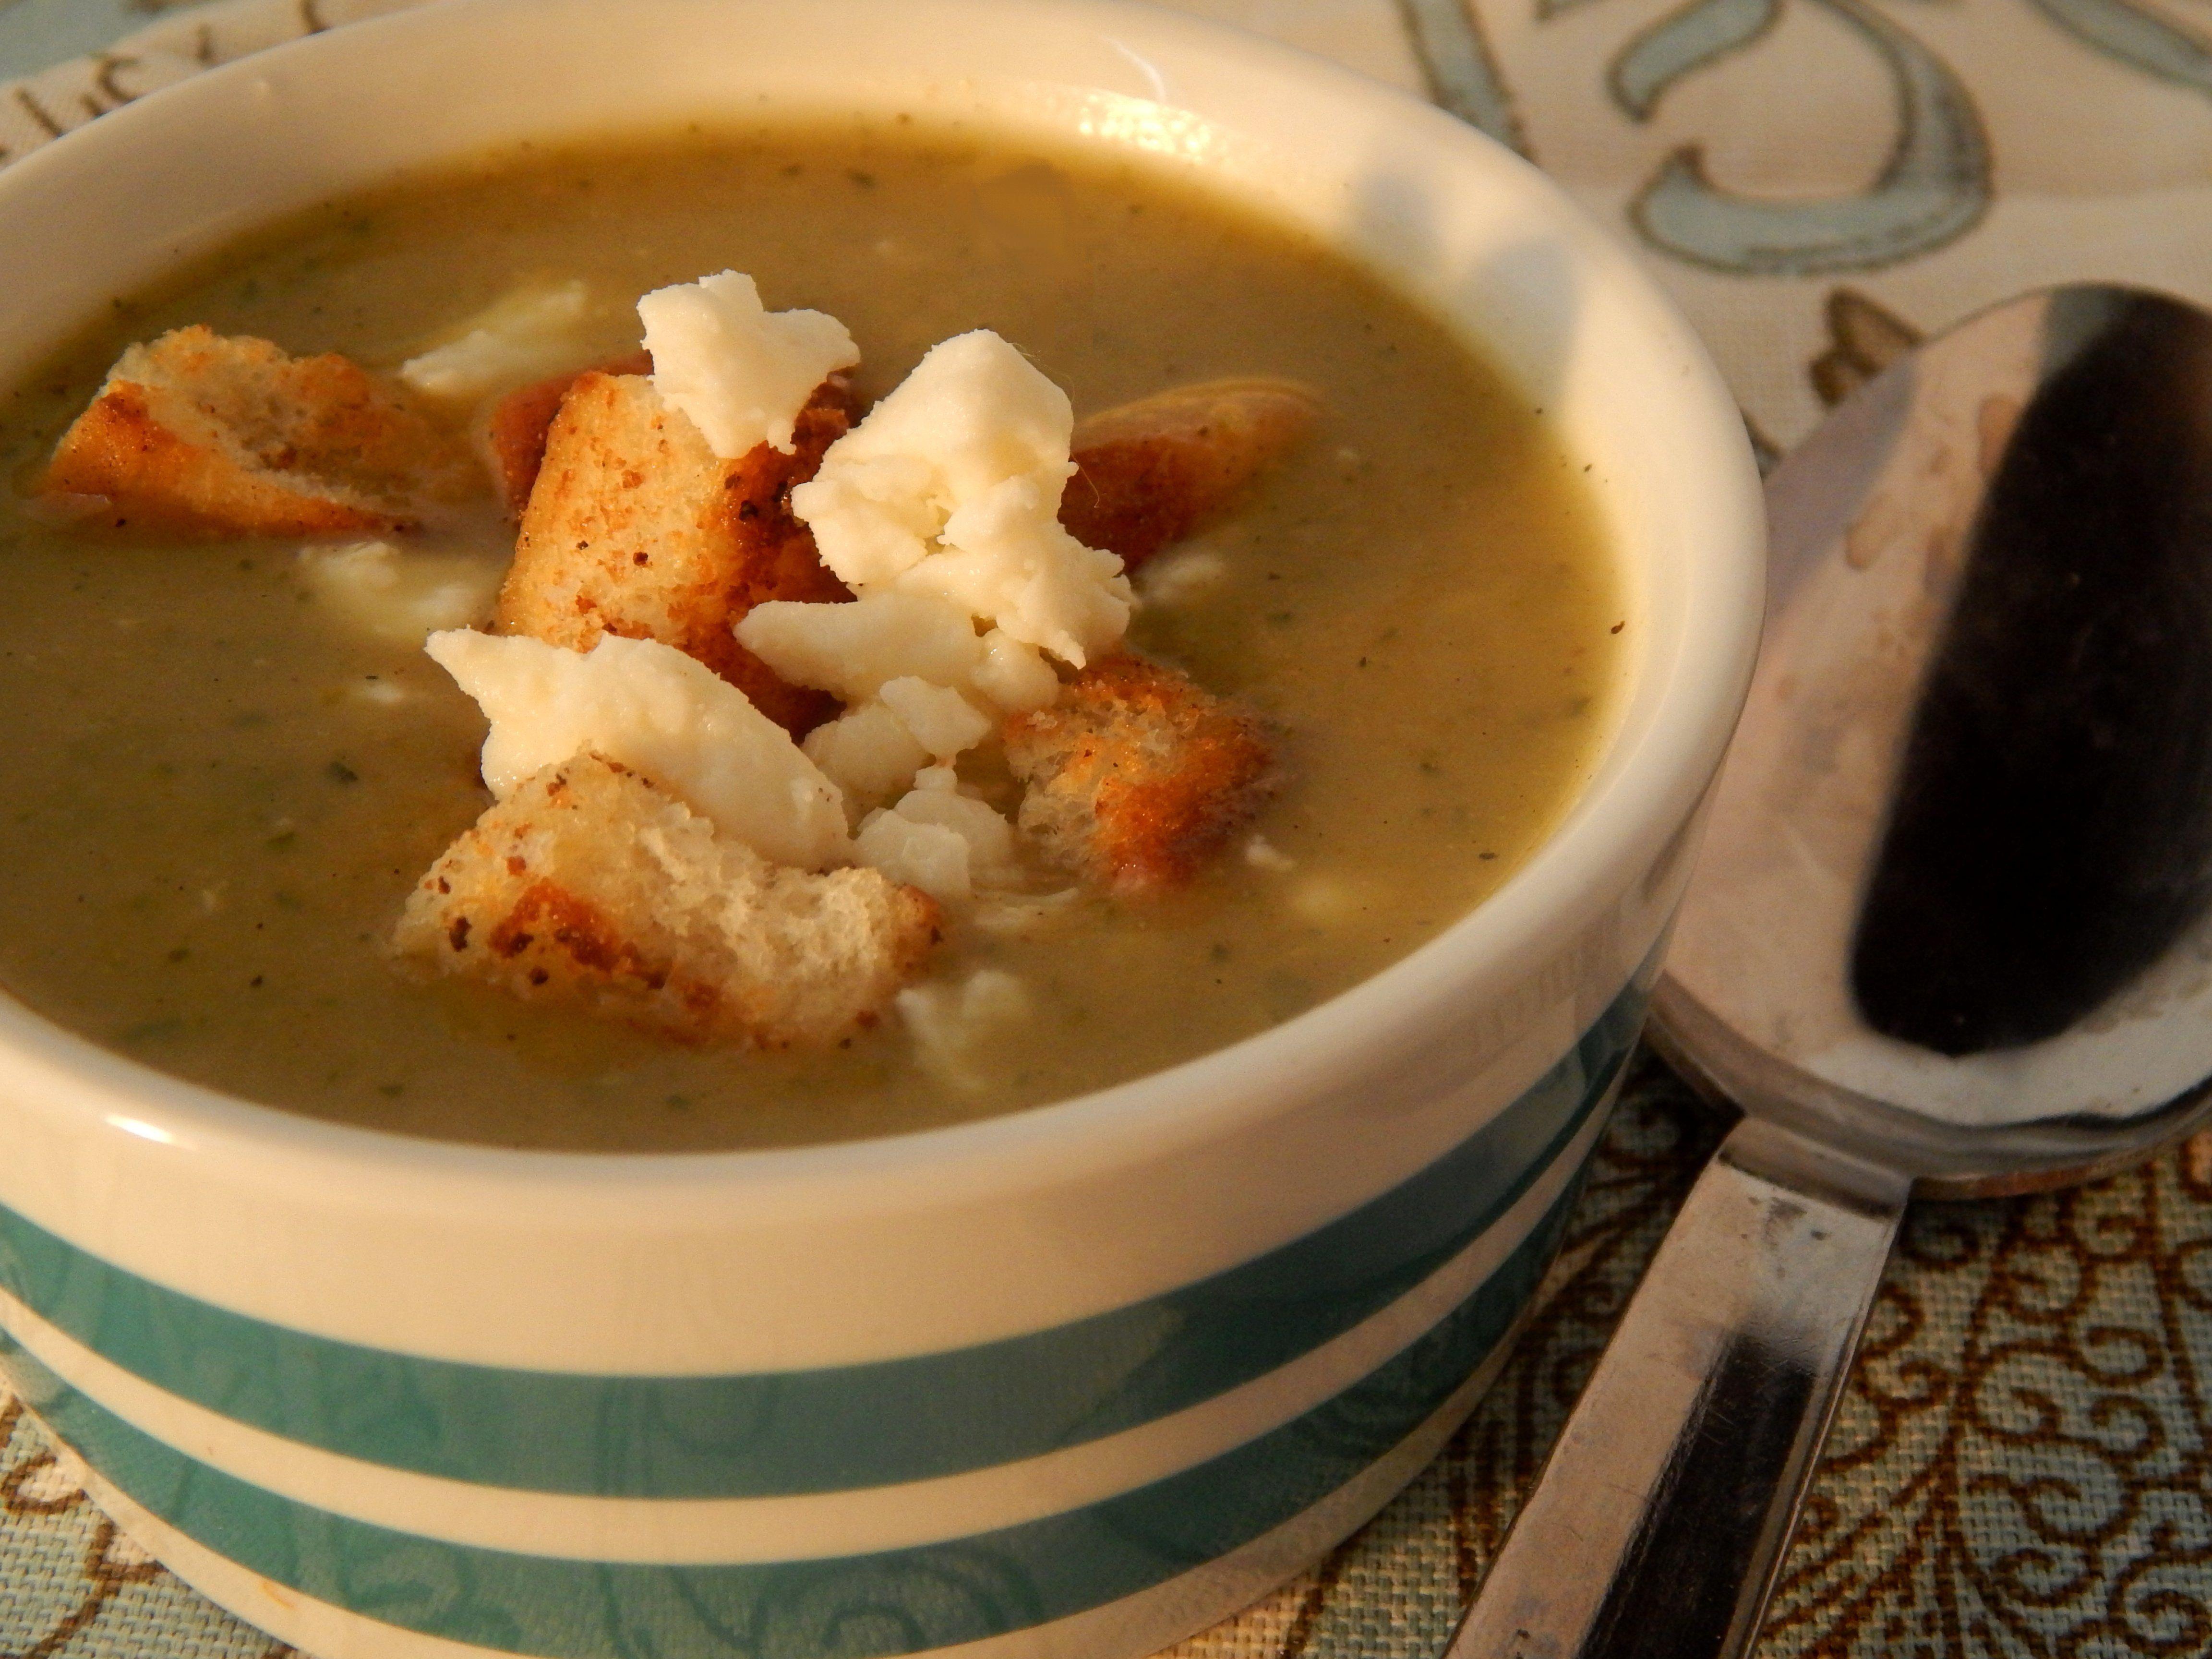 Chilled Zucchini-Leek Soup